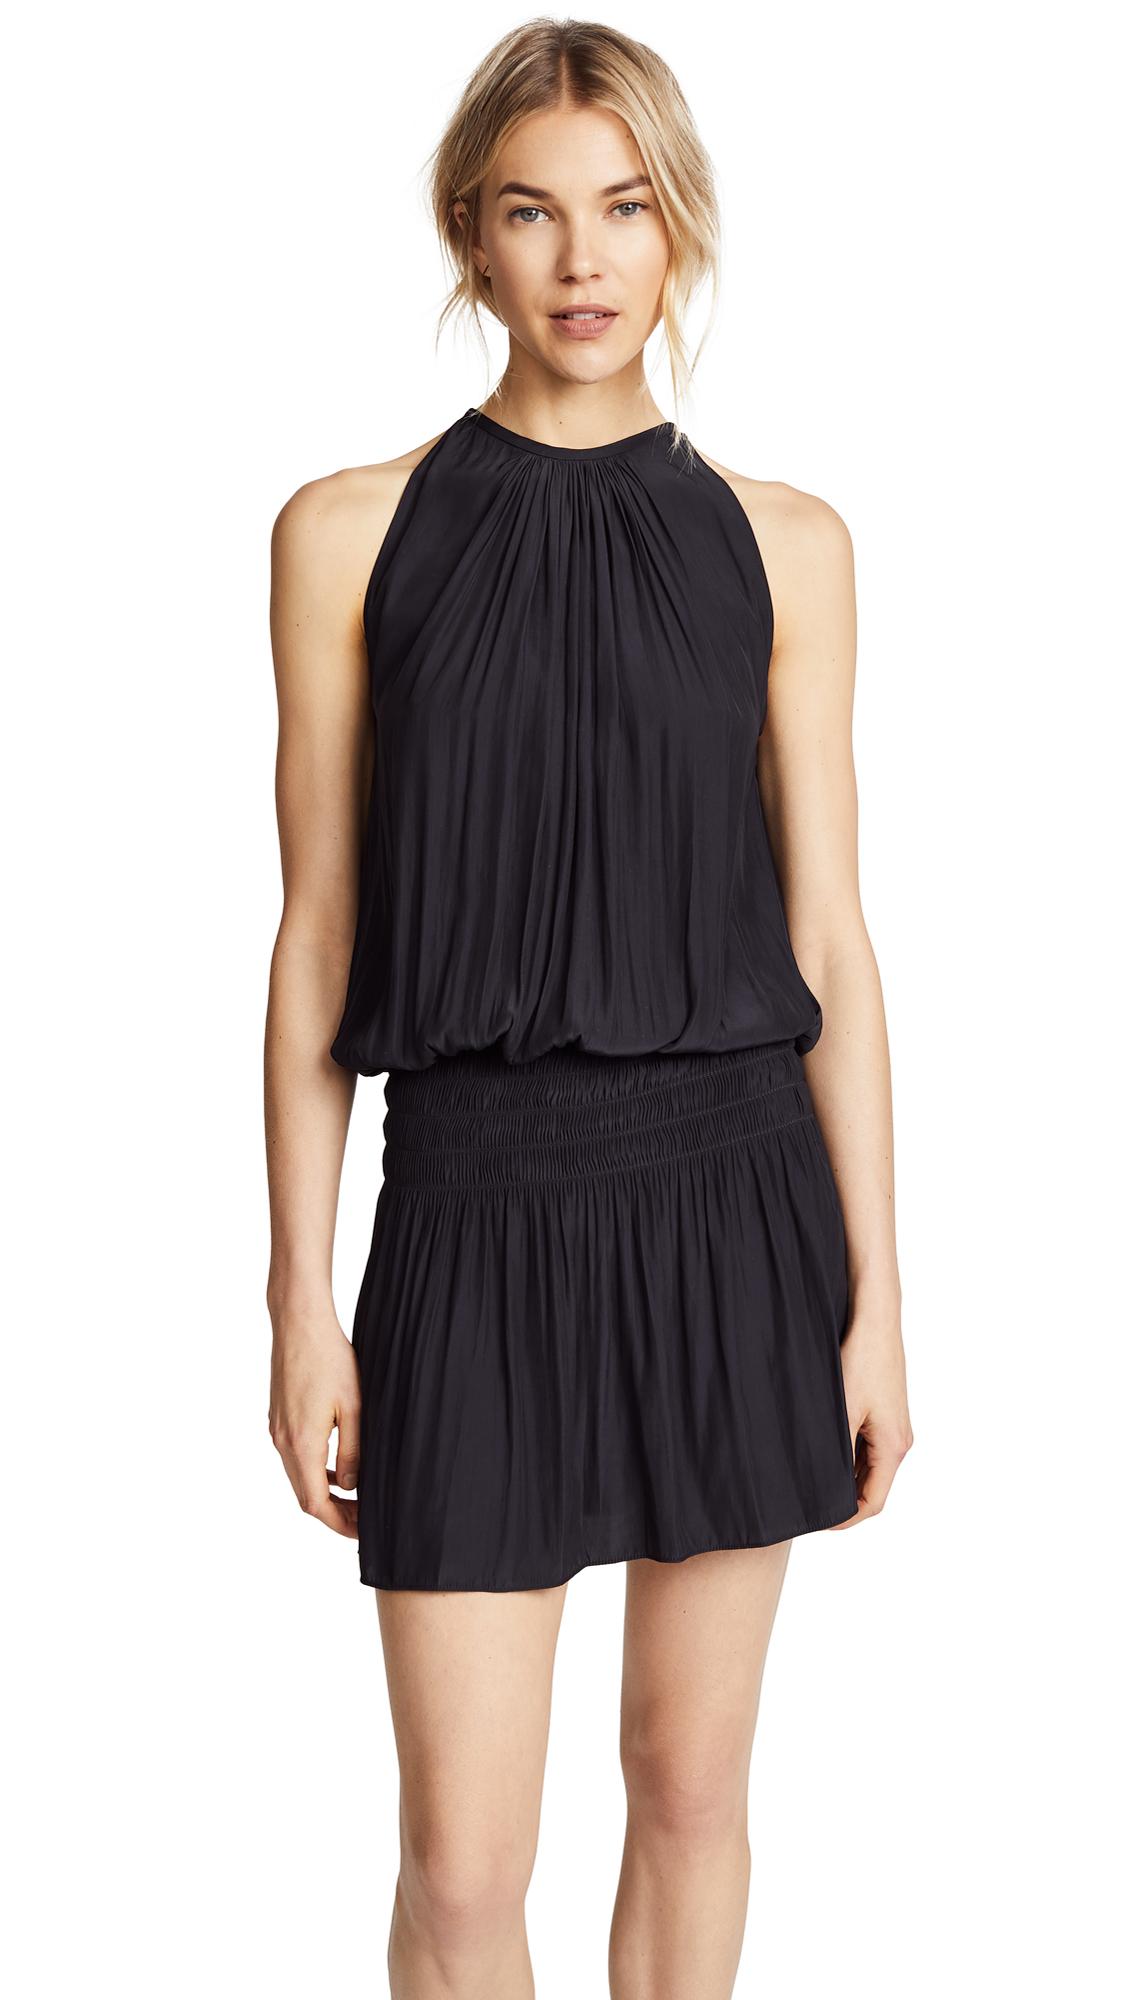 Ramy Brook Paris Sleeveless Dress - Black